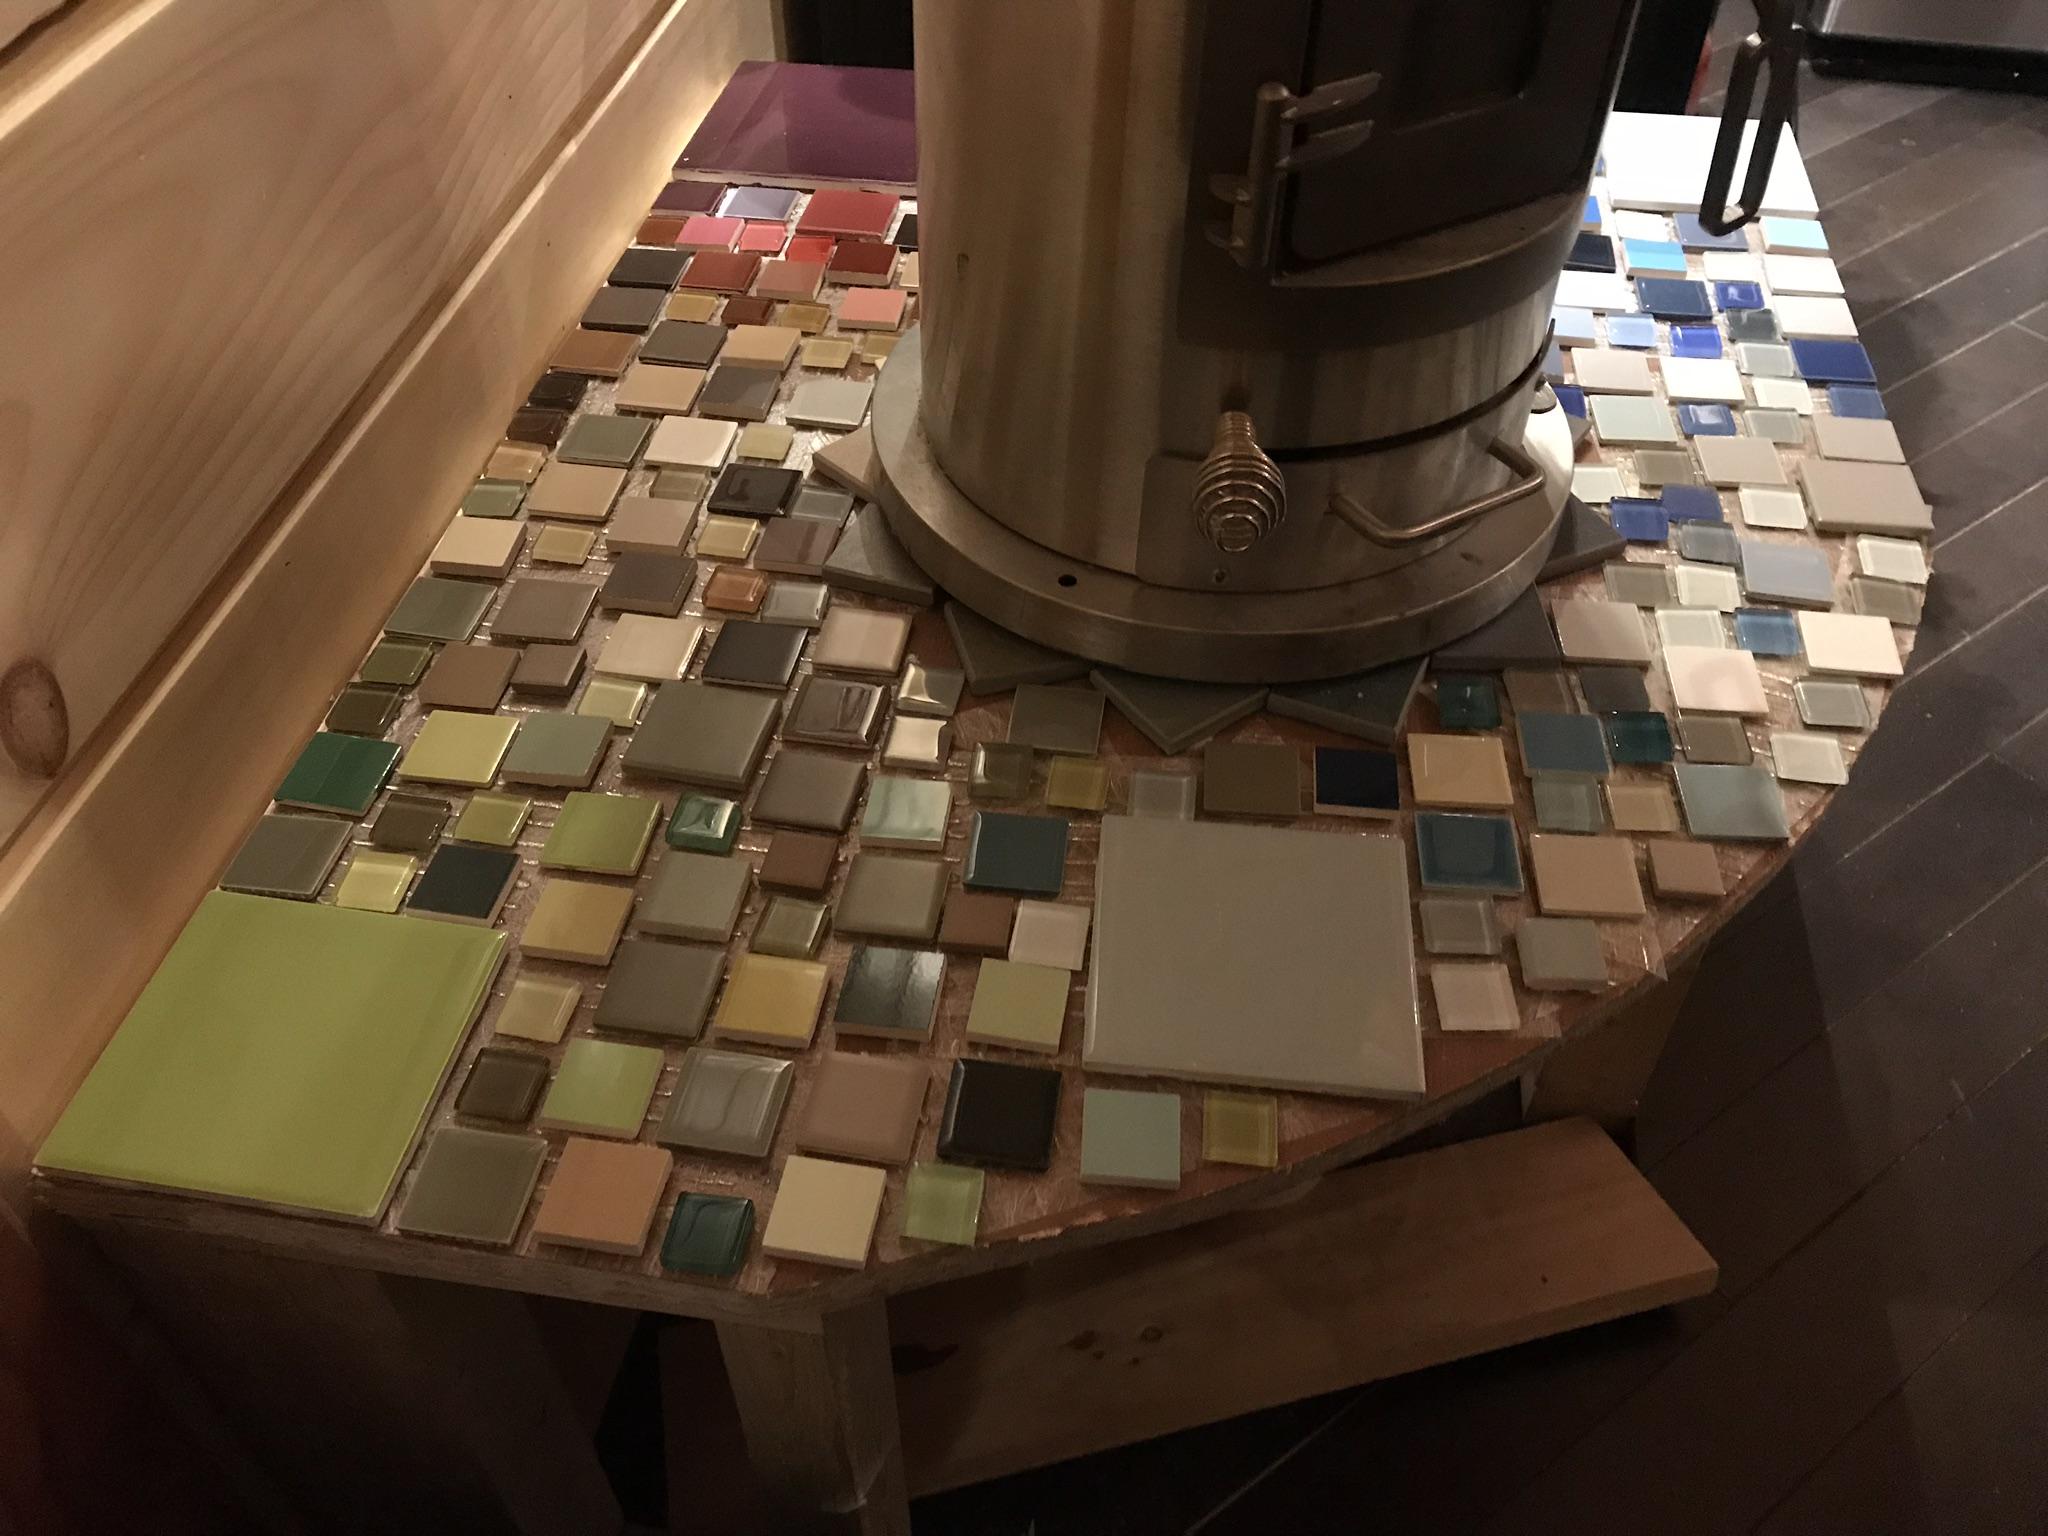 Hearth Mosaic